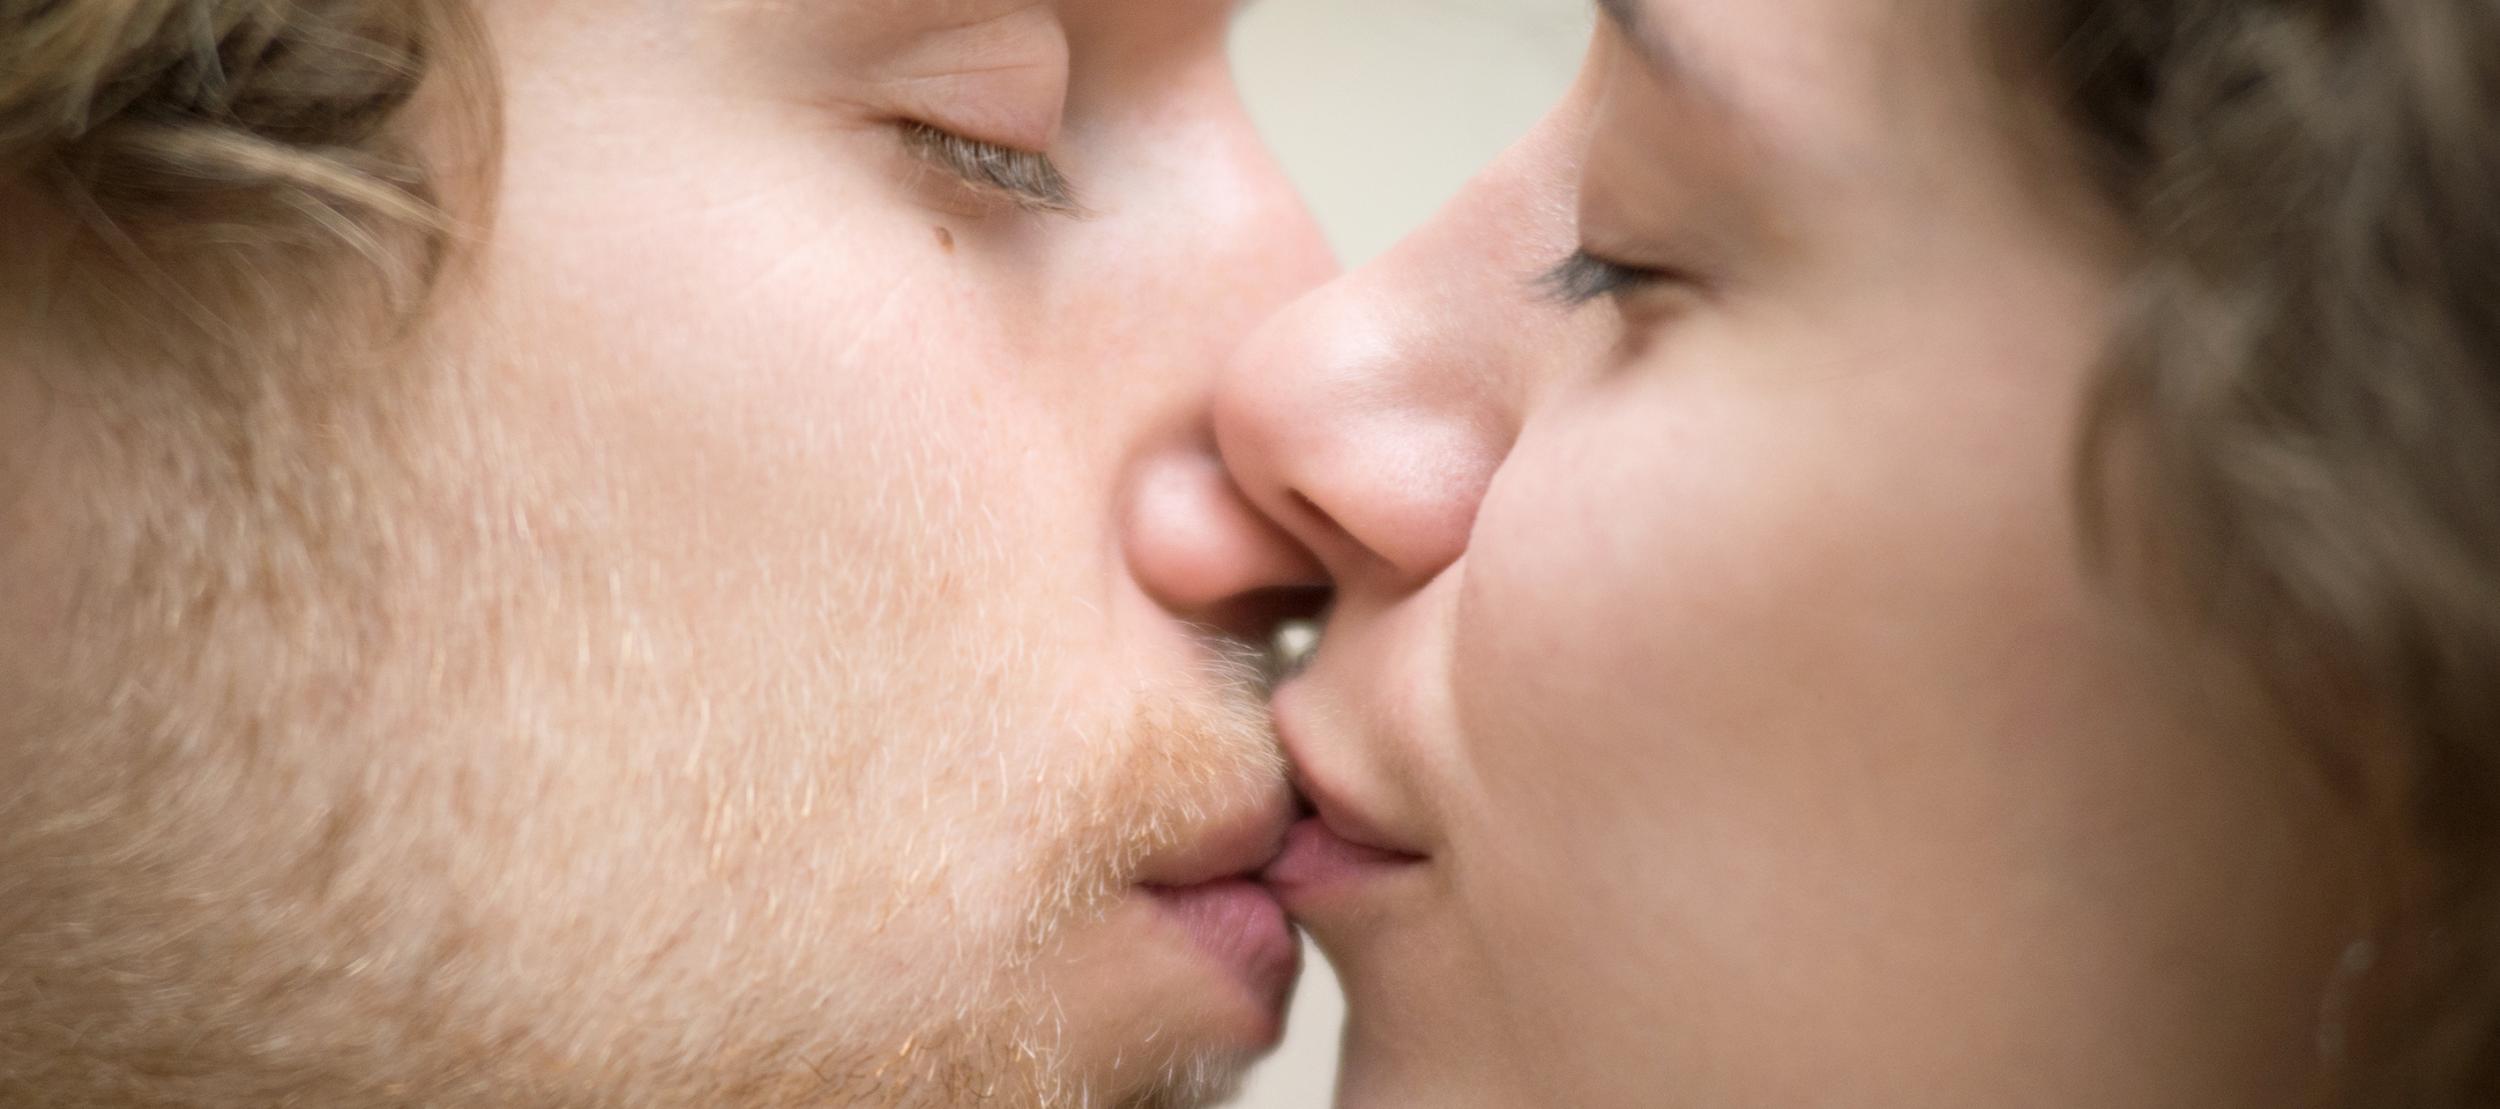 HIV-tünetek a péniszen a férfinak kicsi és vékony pénisze van